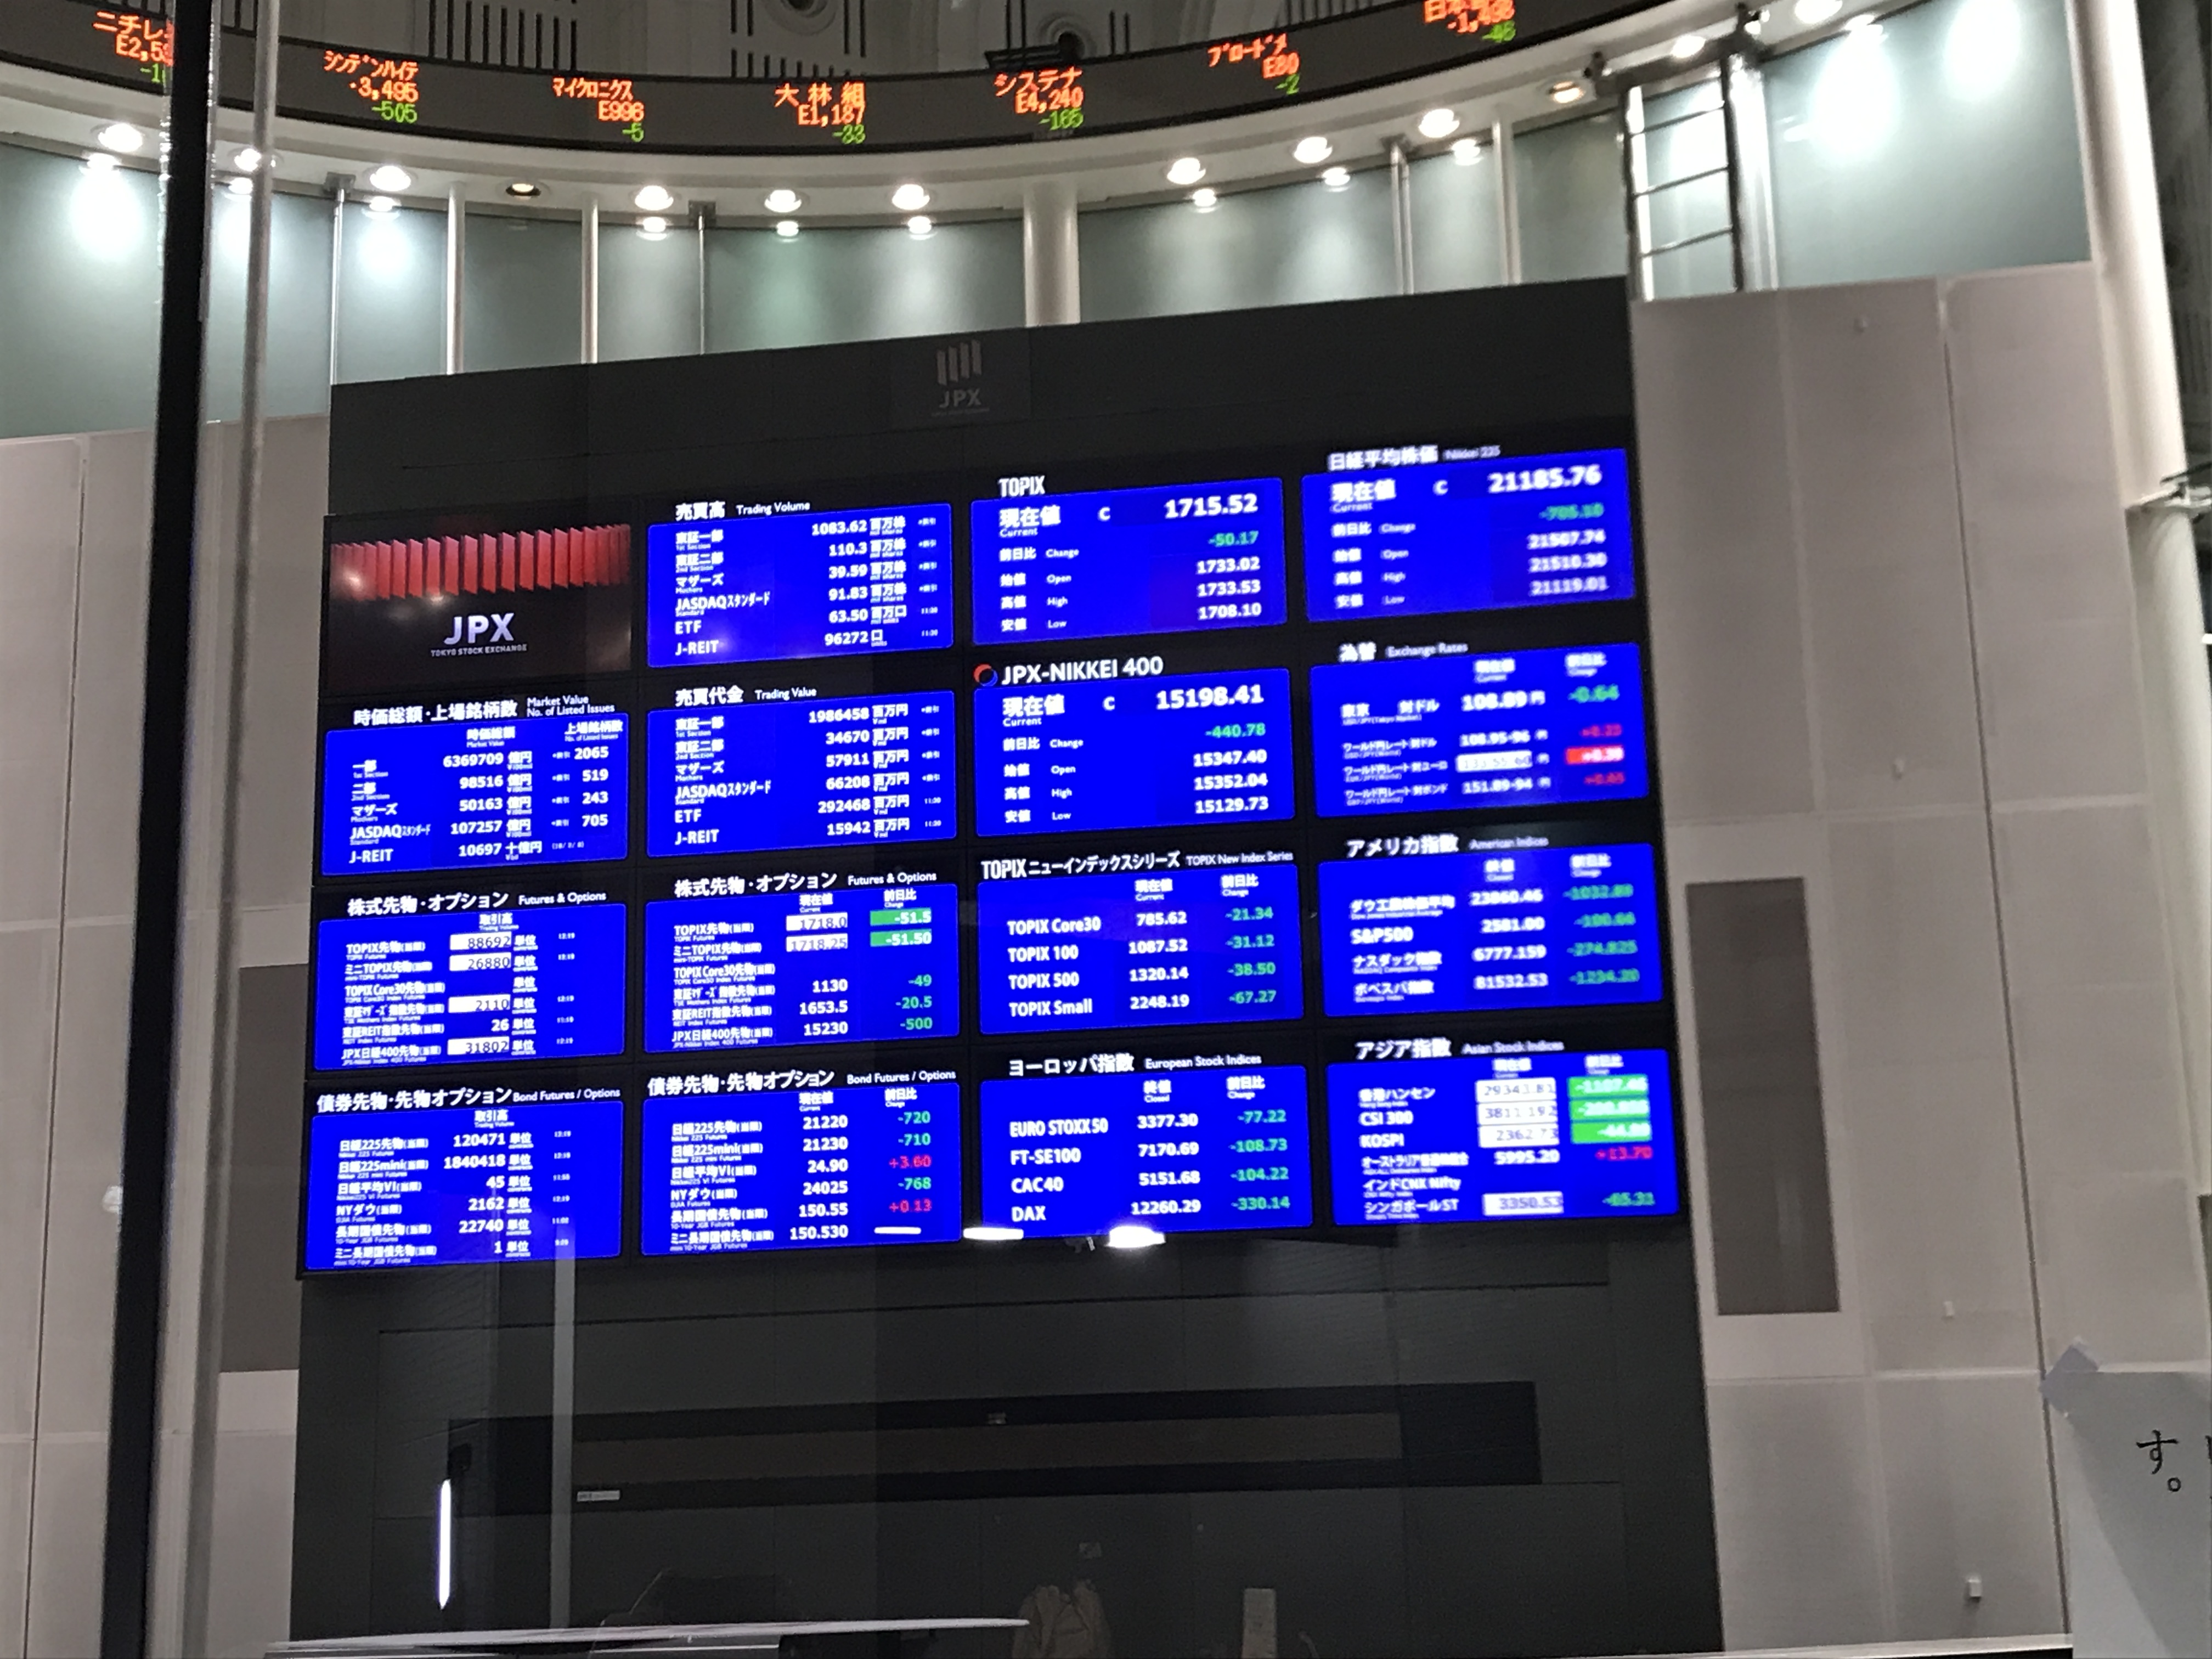 グループ 掲示板 ソフトバンク 株価